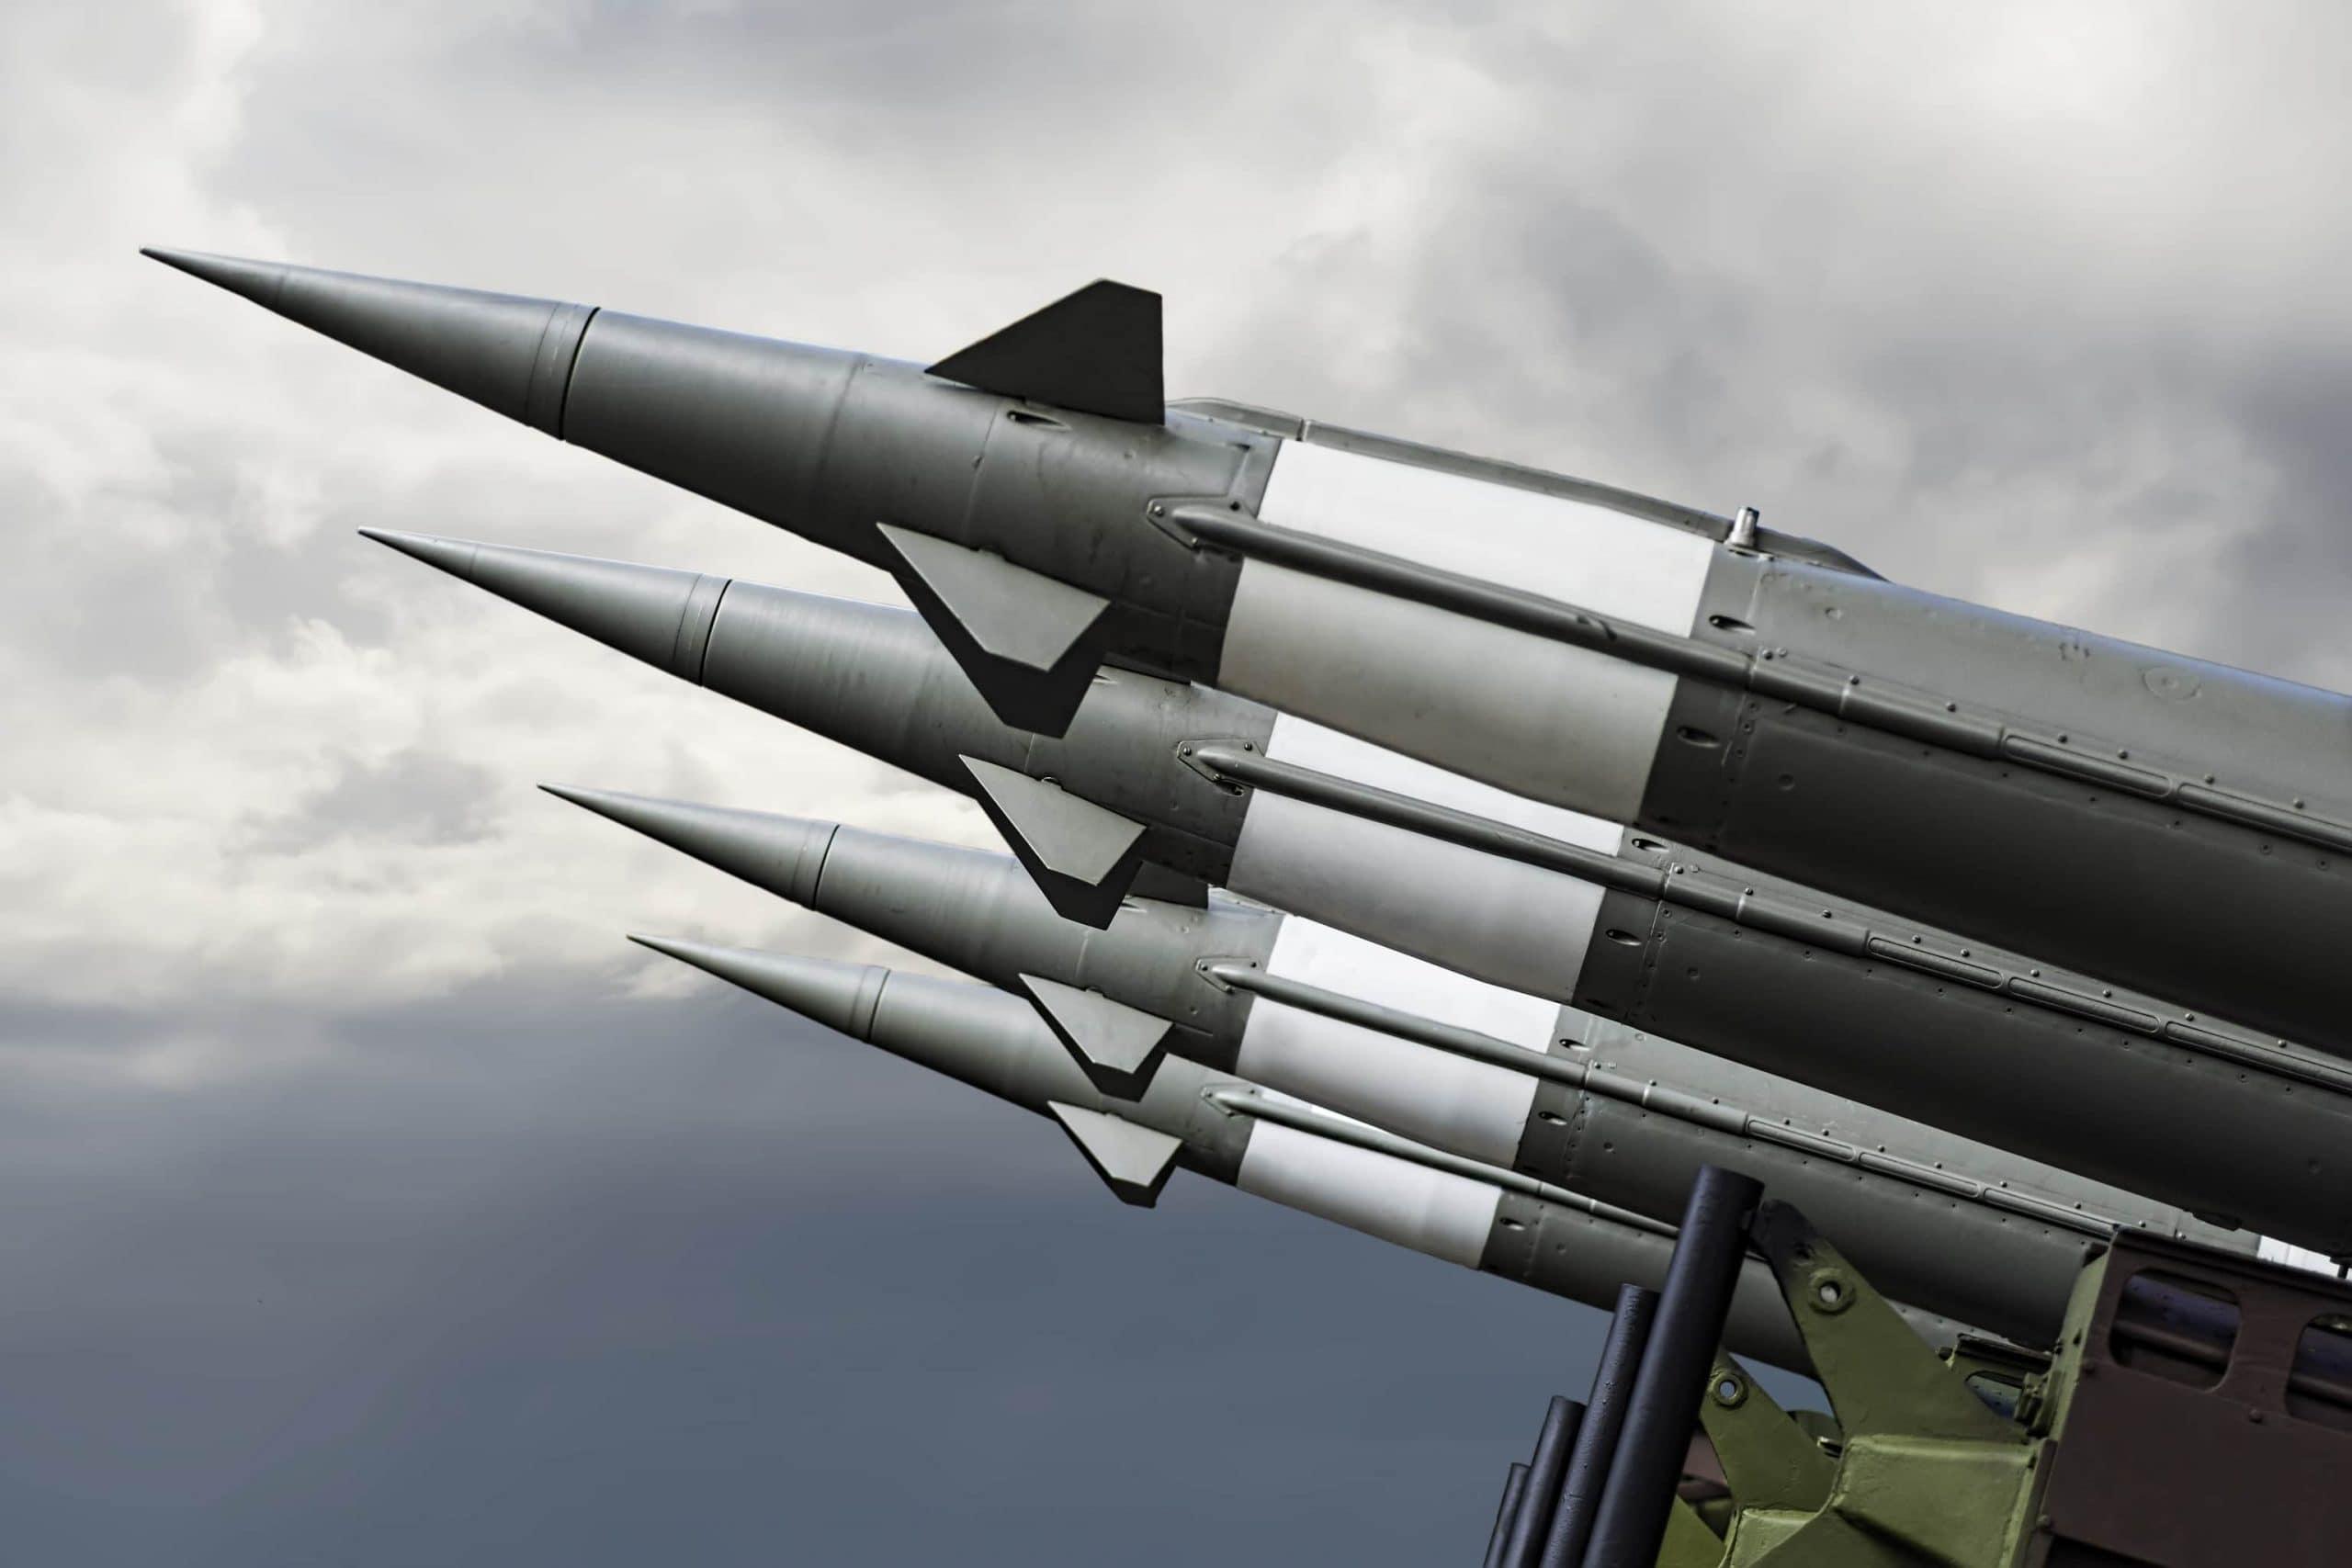 Raketen vor Himmel